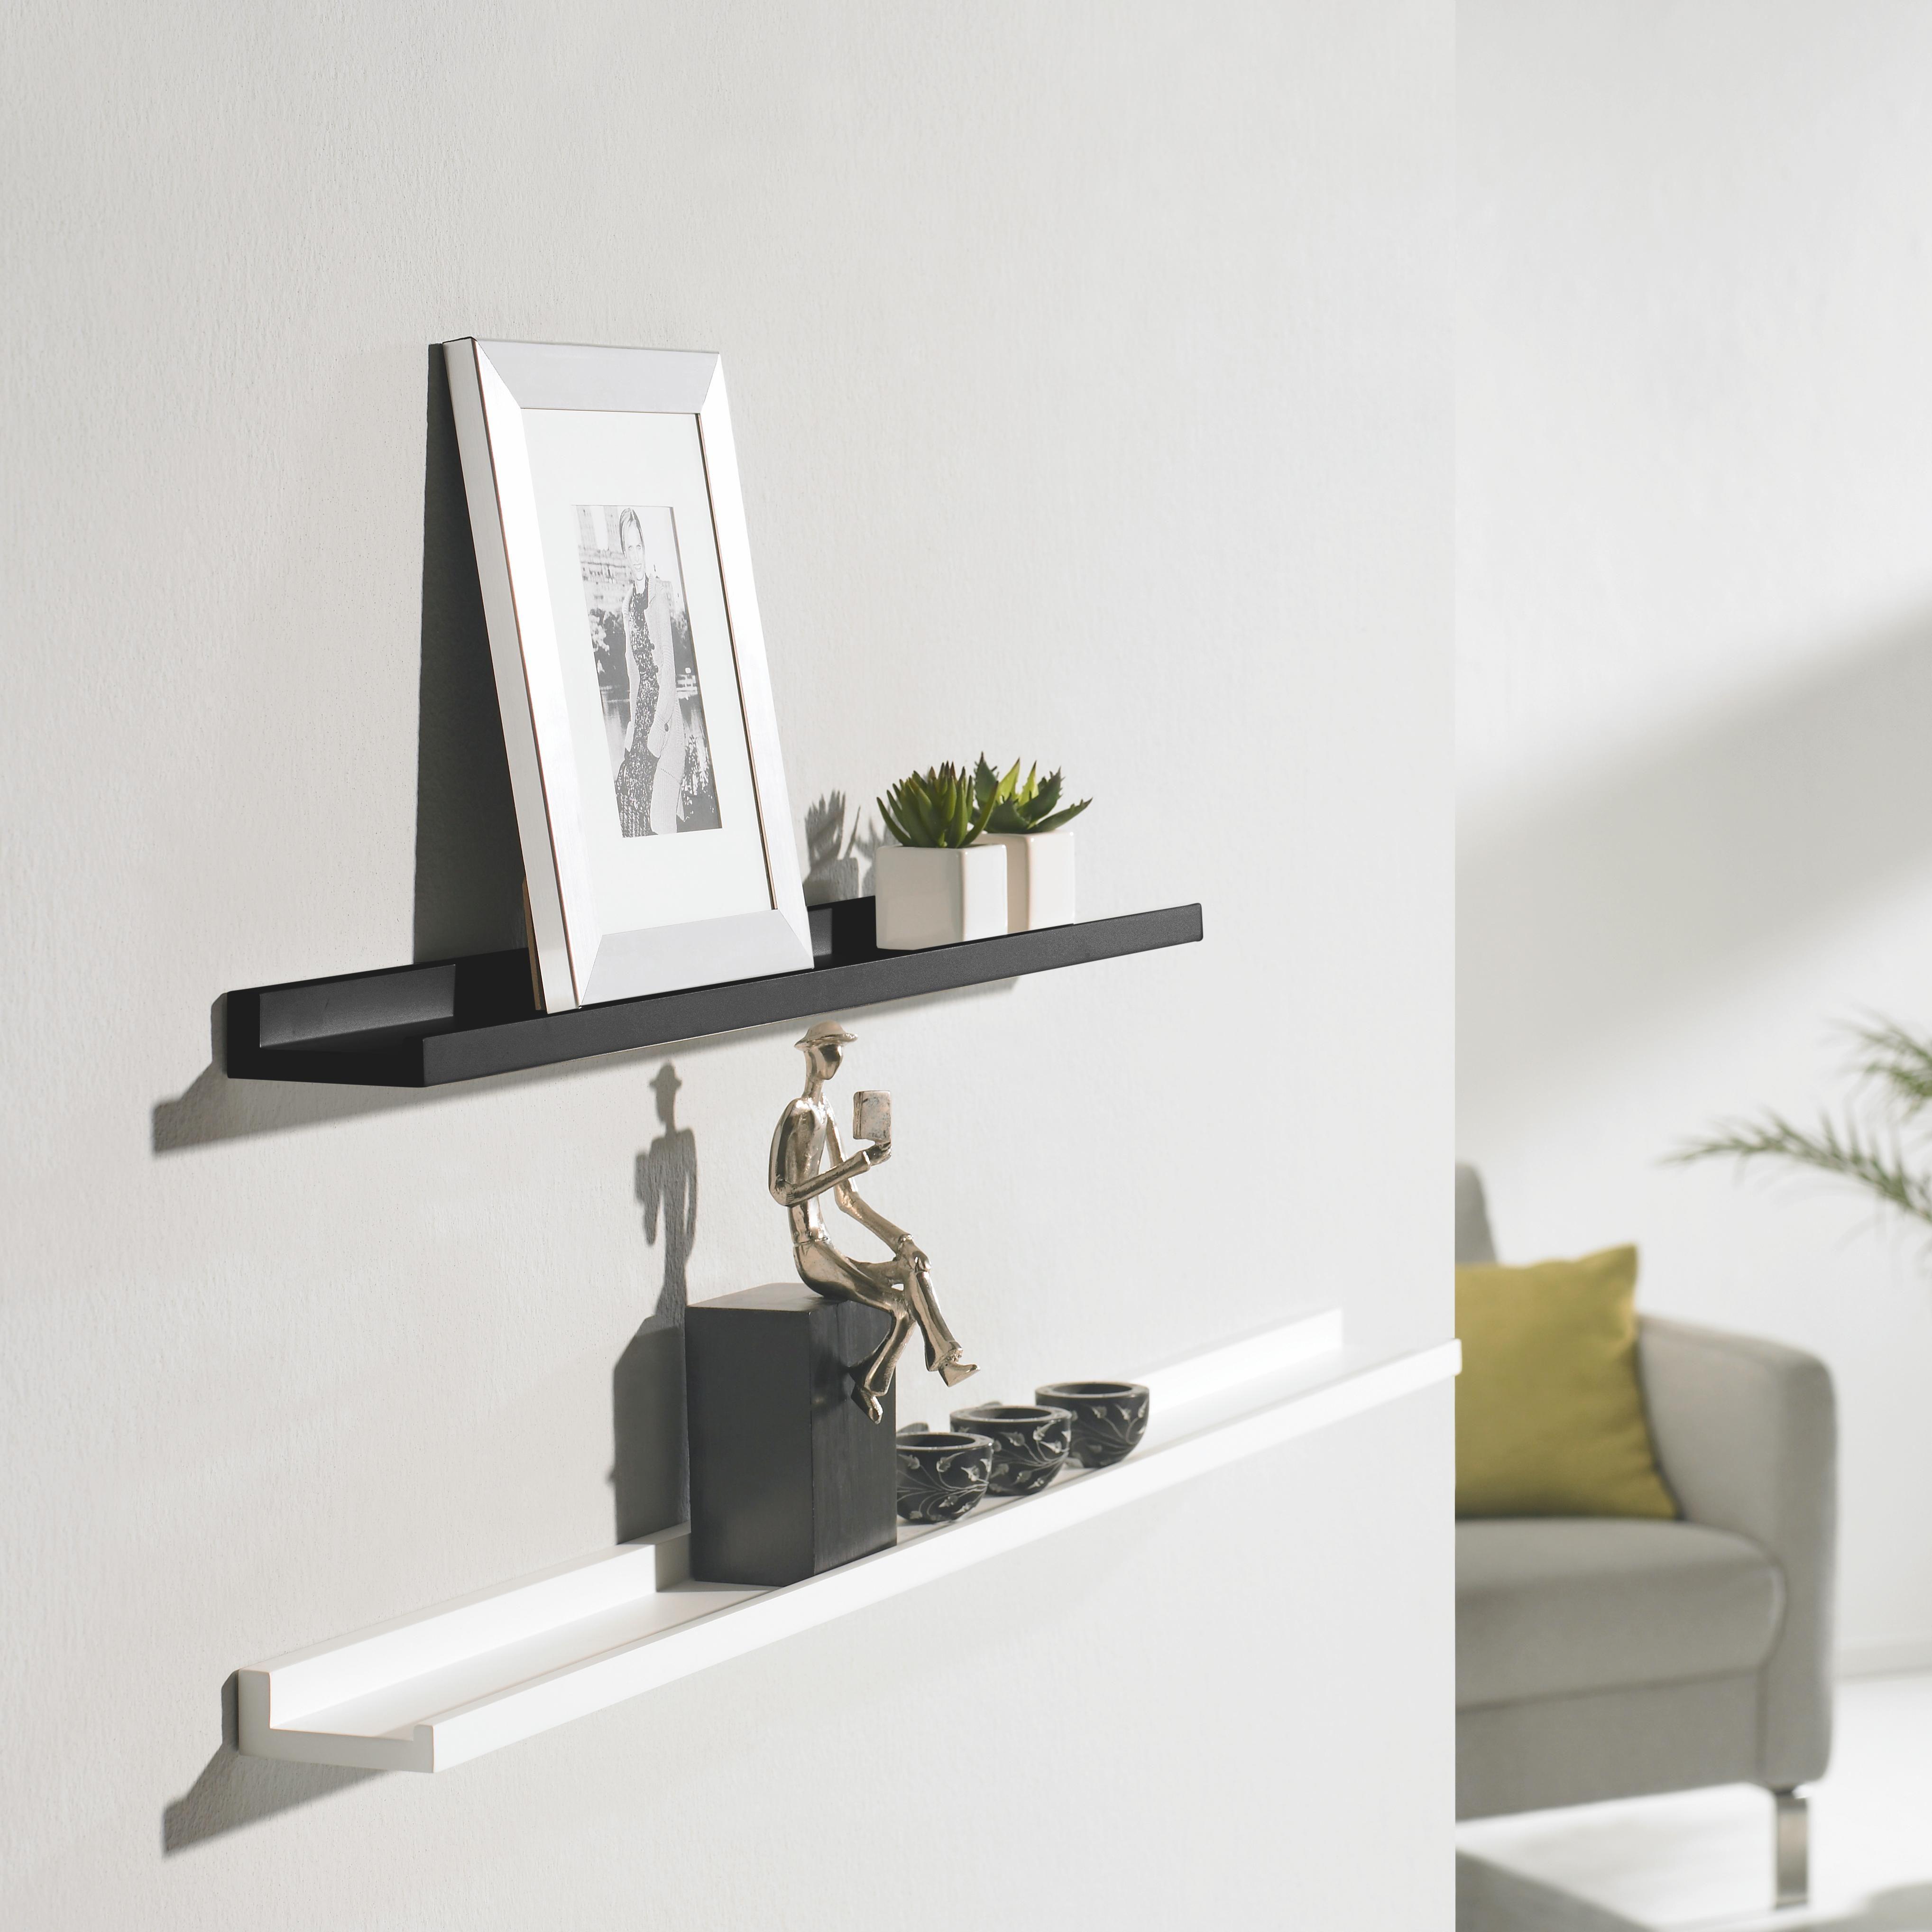 wandboard wei unbedingt kaufen pinterest wandboard blickfang und lackieren. Black Bedroom Furniture Sets. Home Design Ideas